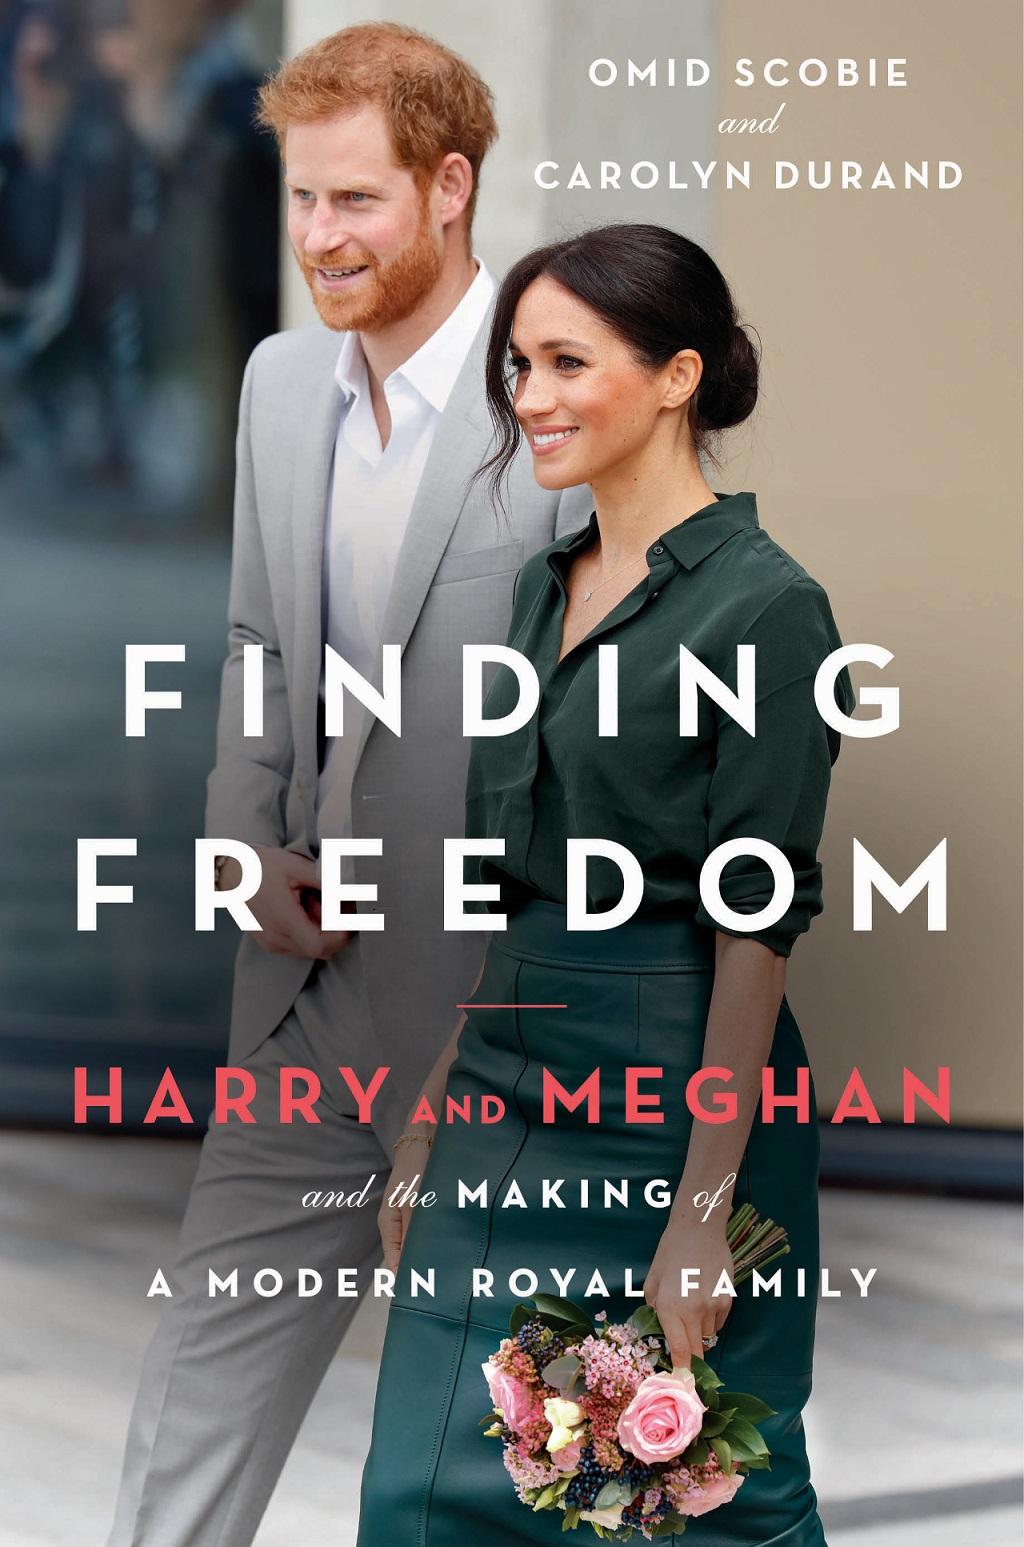 Okładka biografii Meghan Markle i Księcia Harry'ego